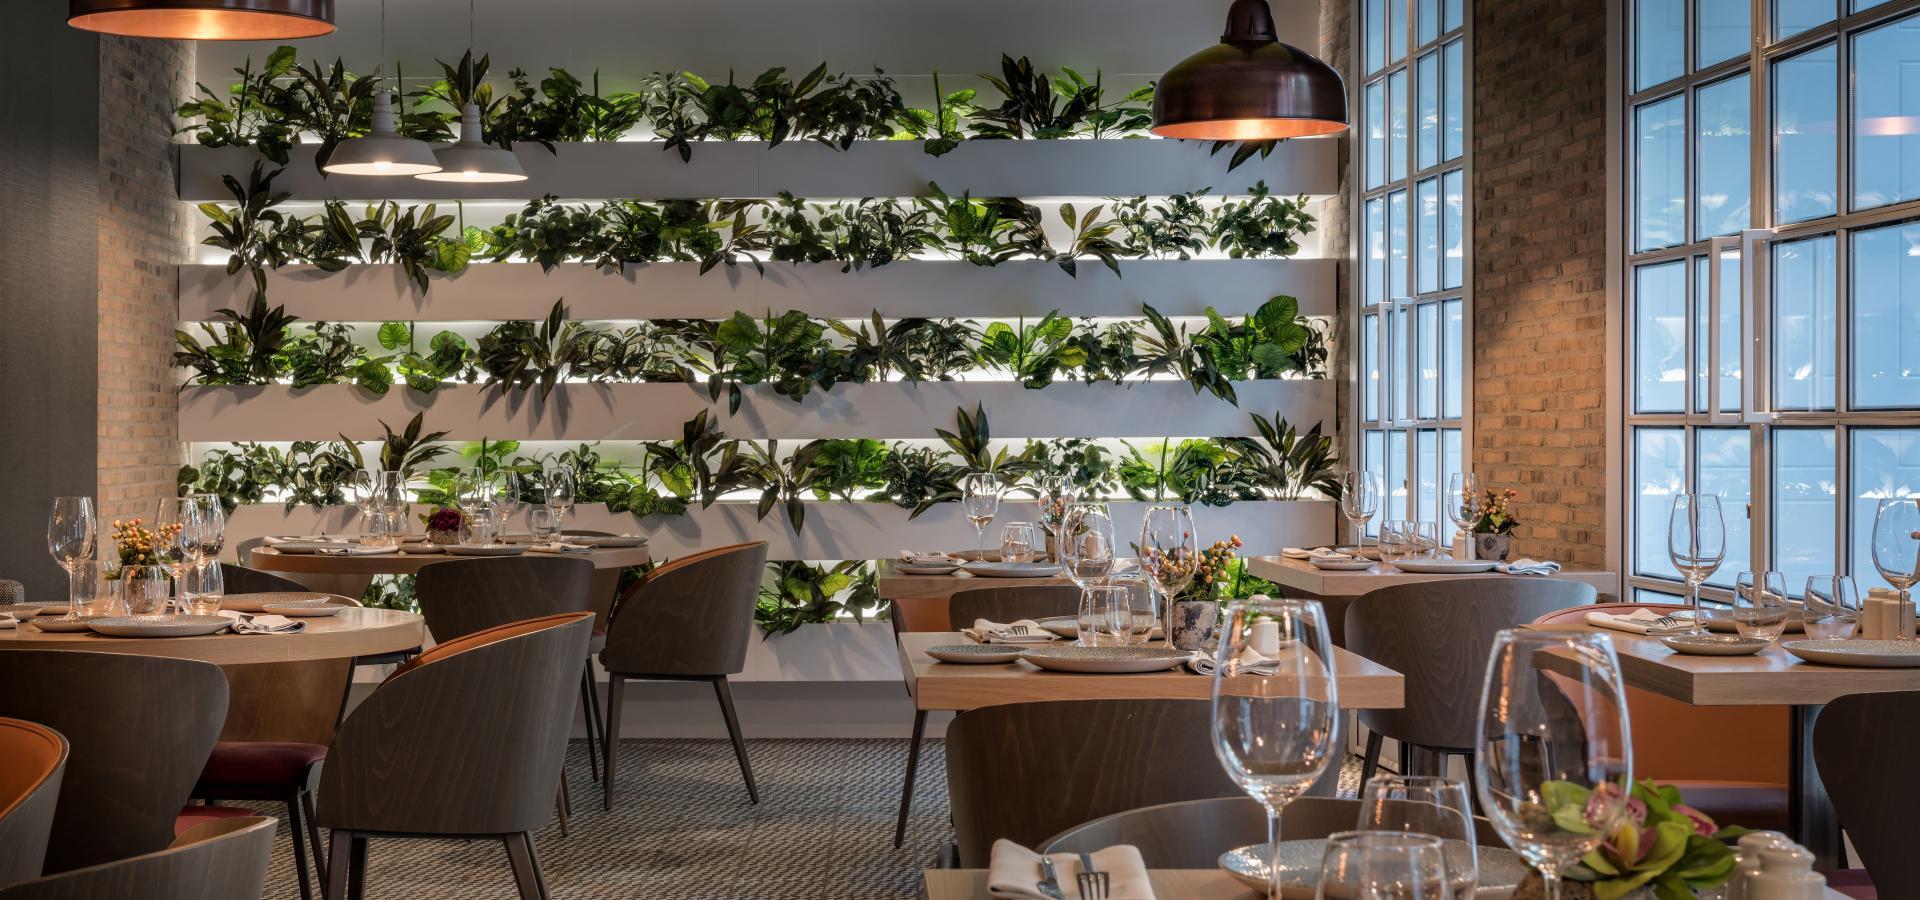 hotel_catalonia_gran_via_restaurante_bloved